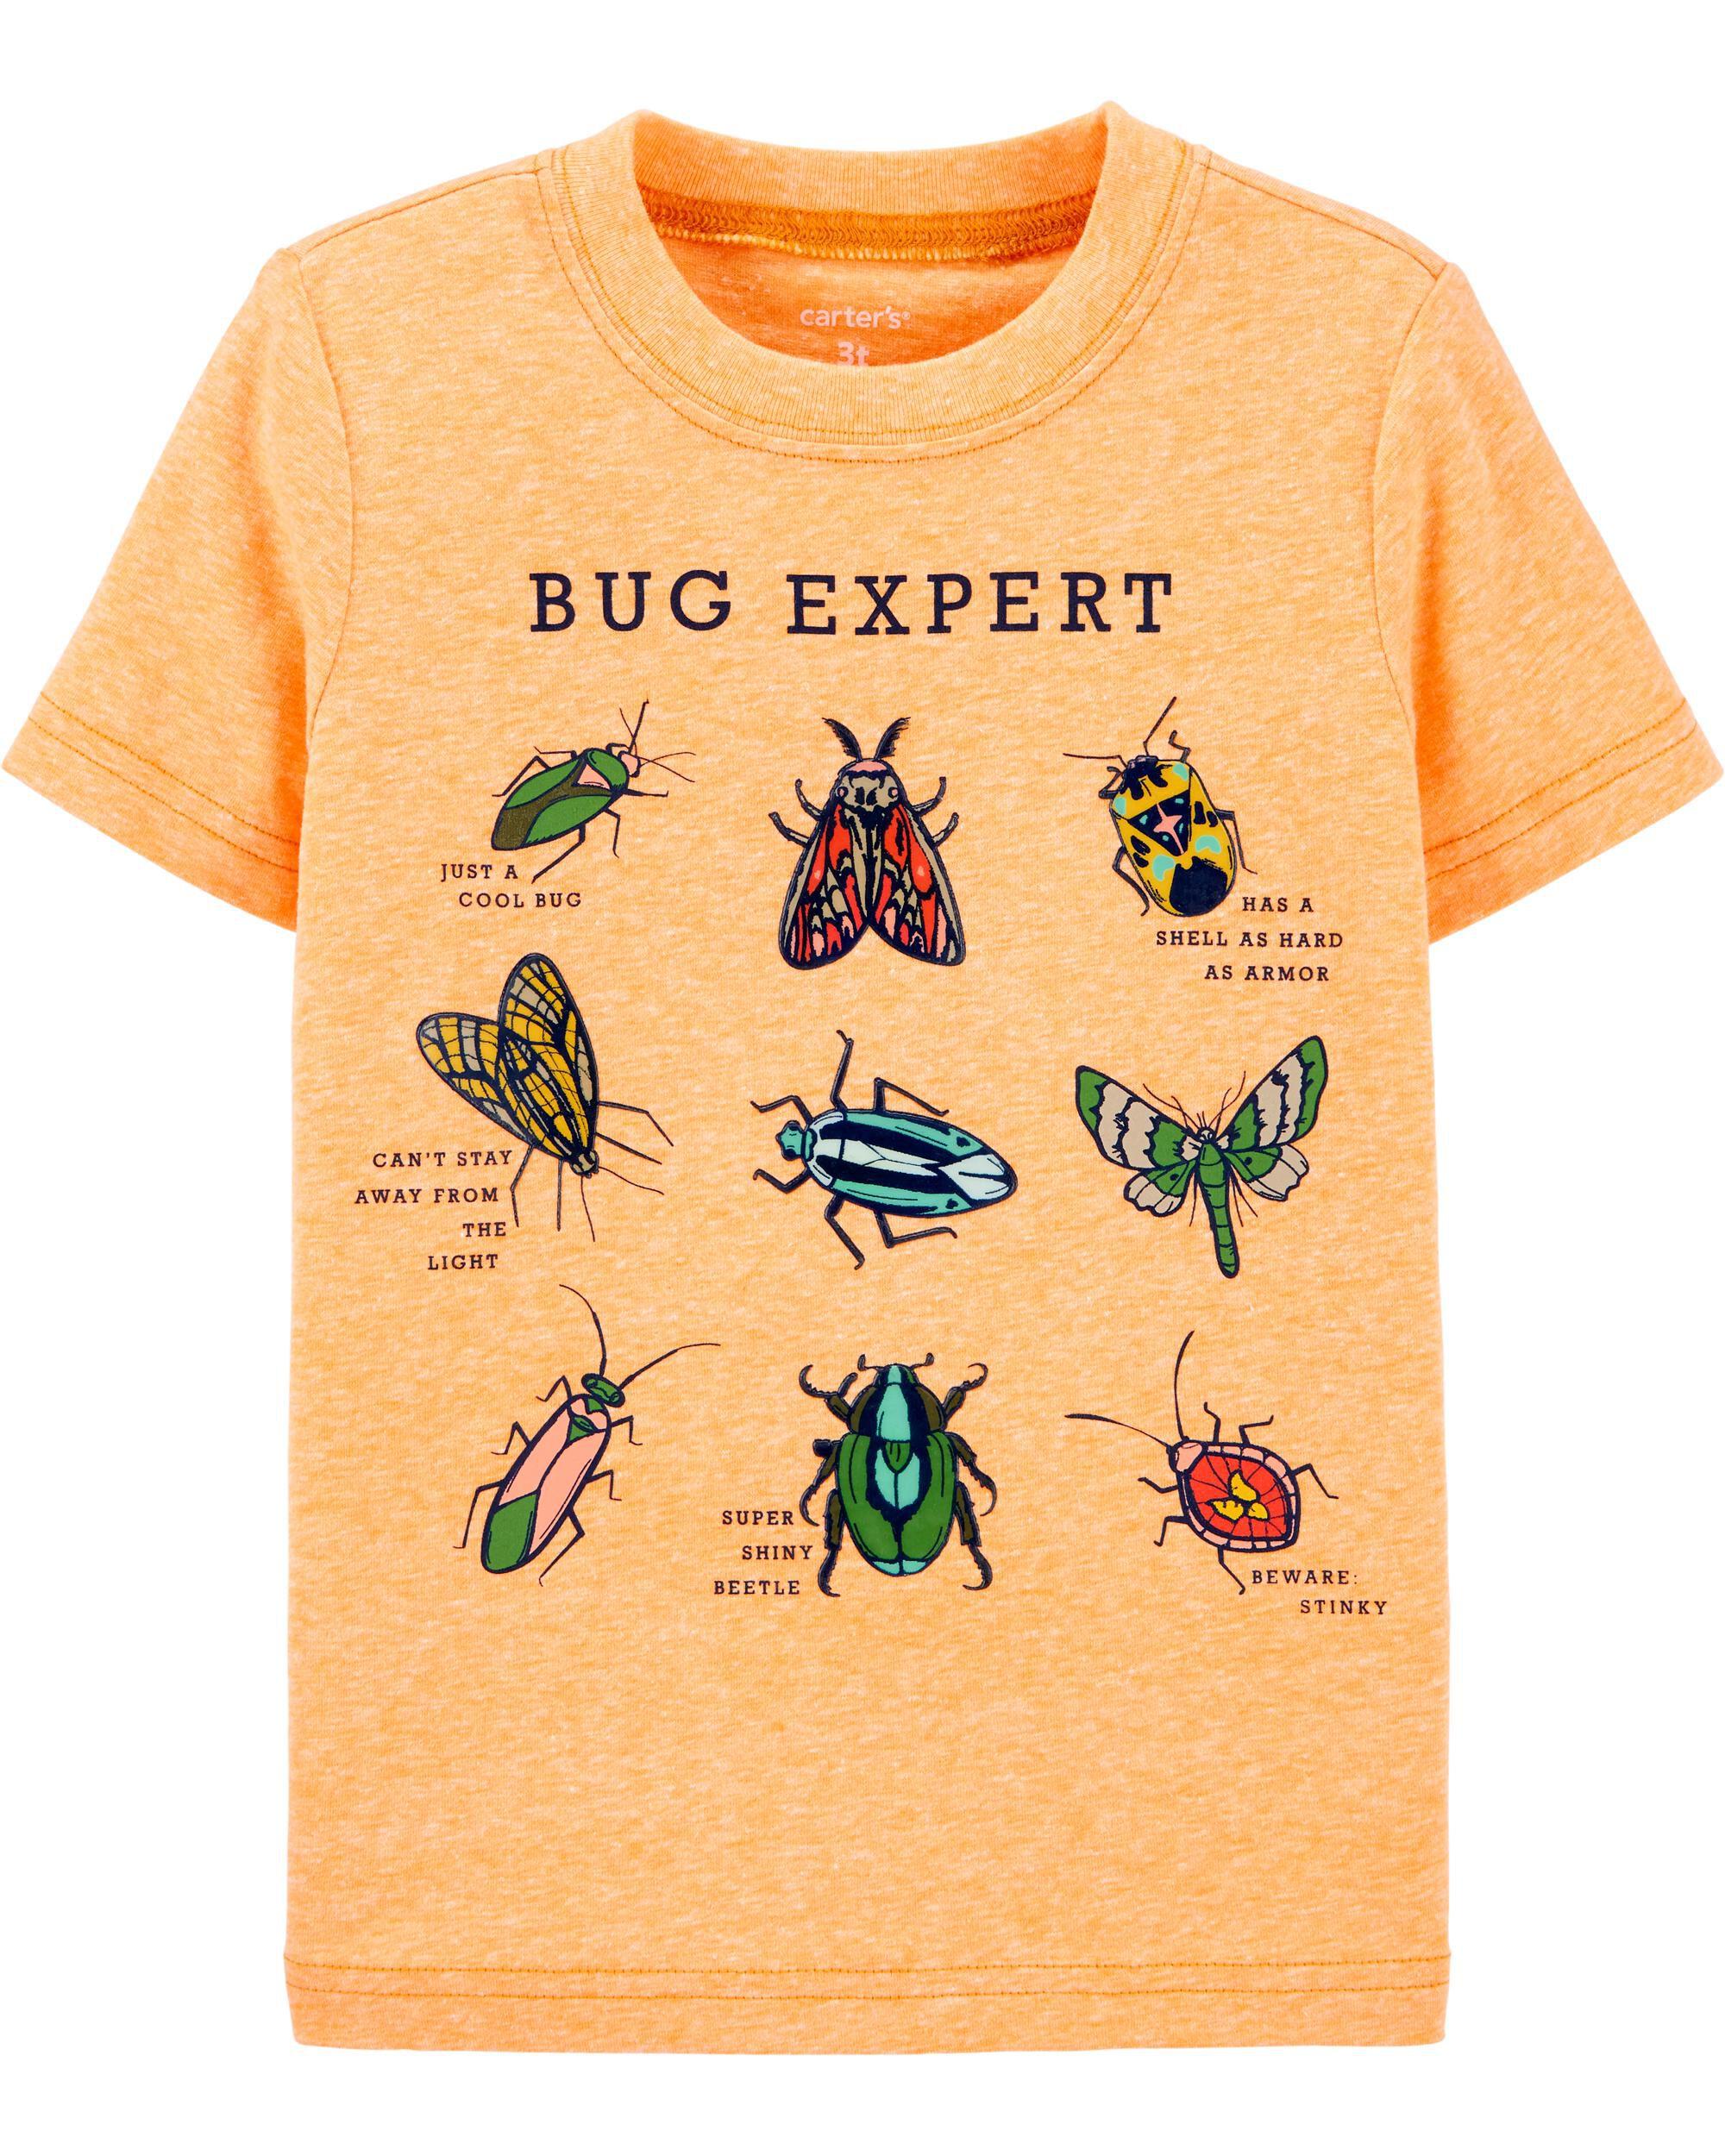 *DOORBUSTER* Bug Expert Snow Yarn Jersey Tee